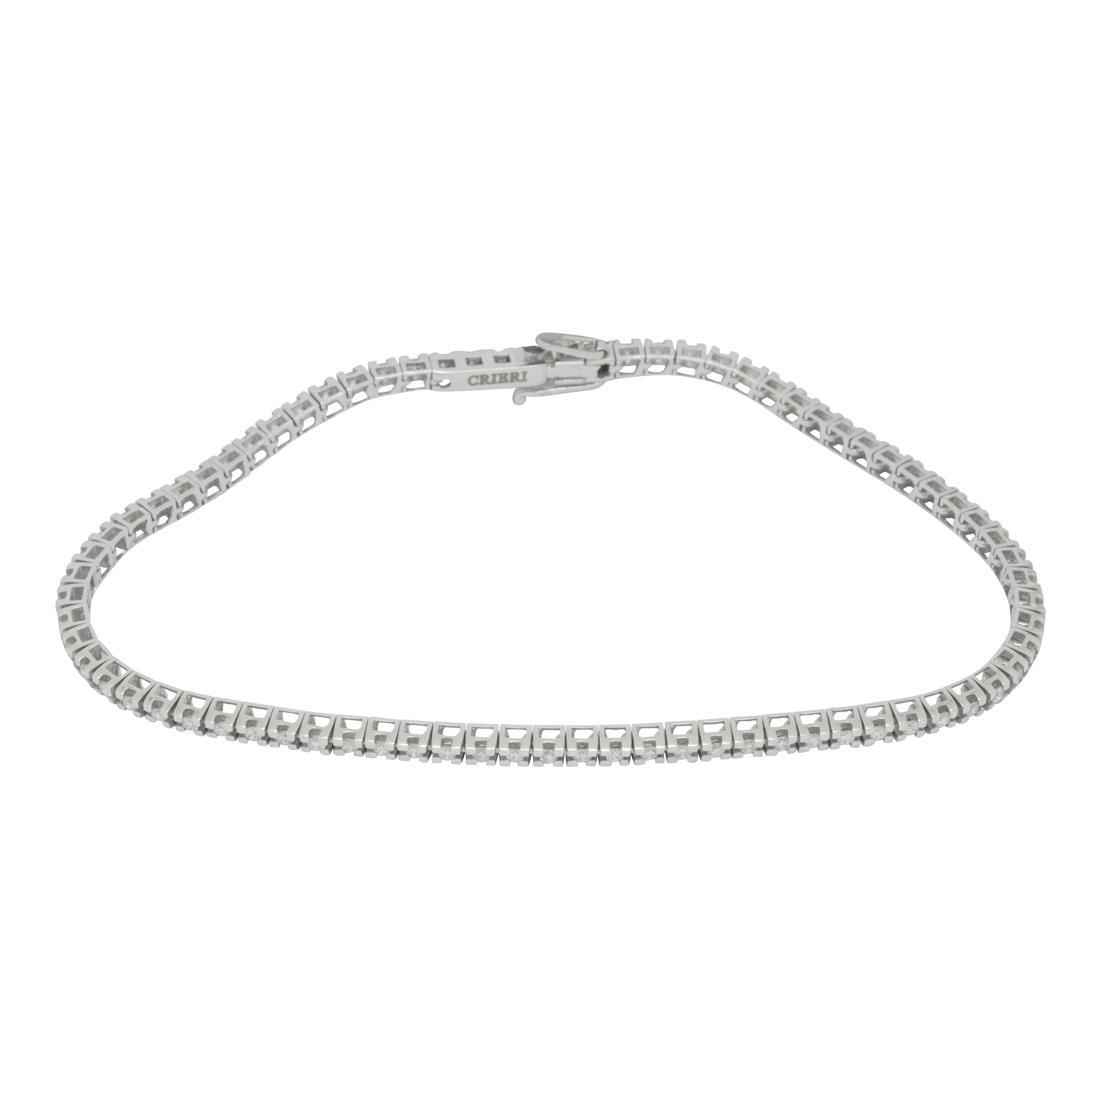 grande varietà prezzo speciale per selezione premium Bracciale tennis in oro bianco con diamanti ct. 0,70